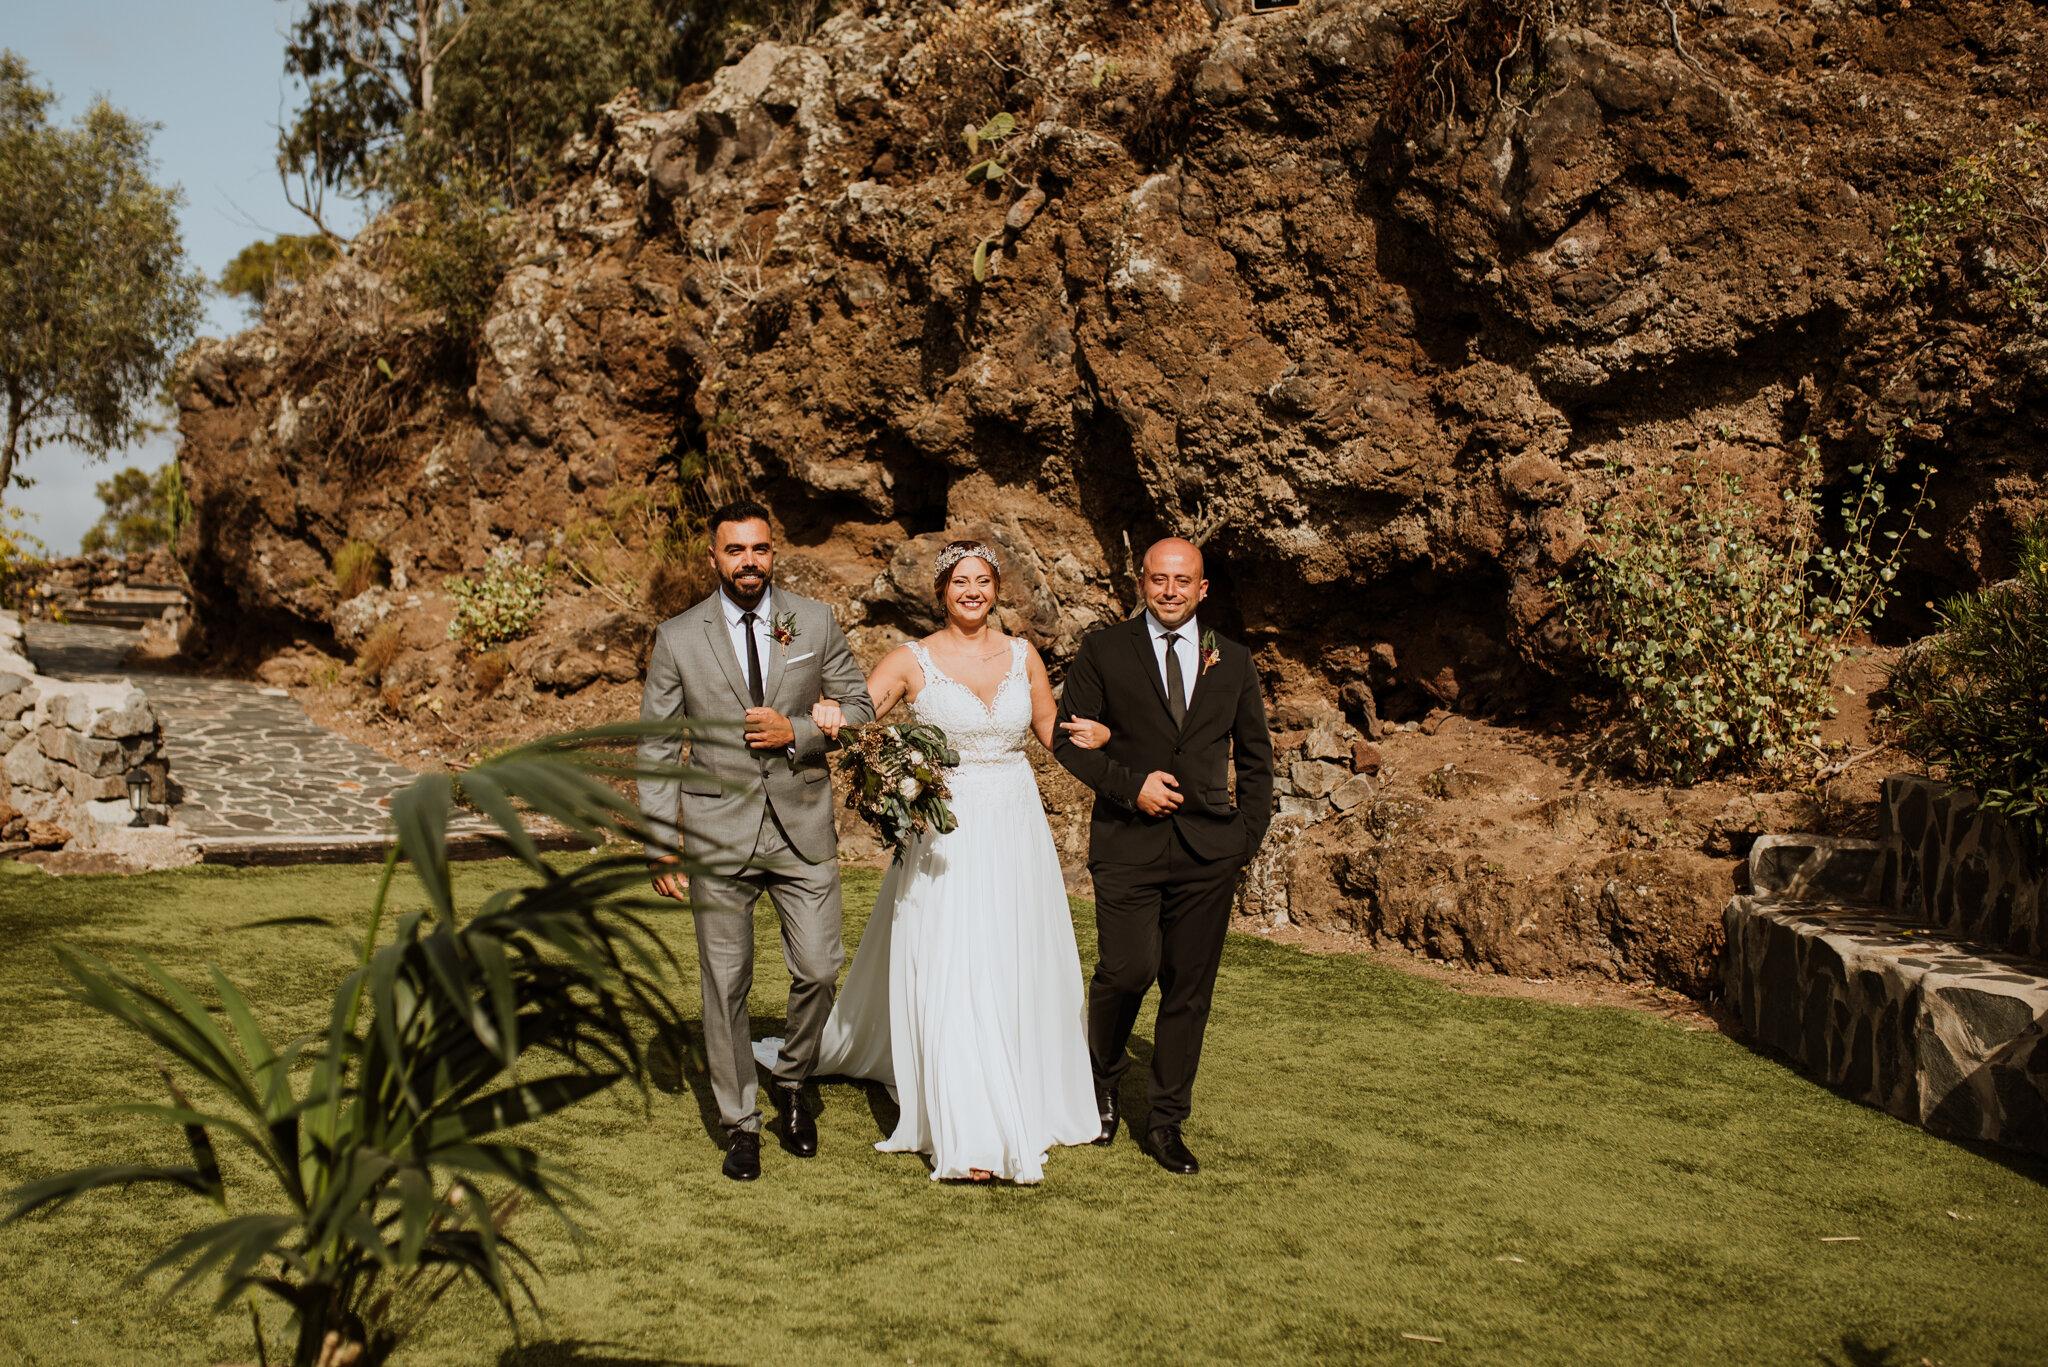 fotografo de bodas las palmas_-44.jpg